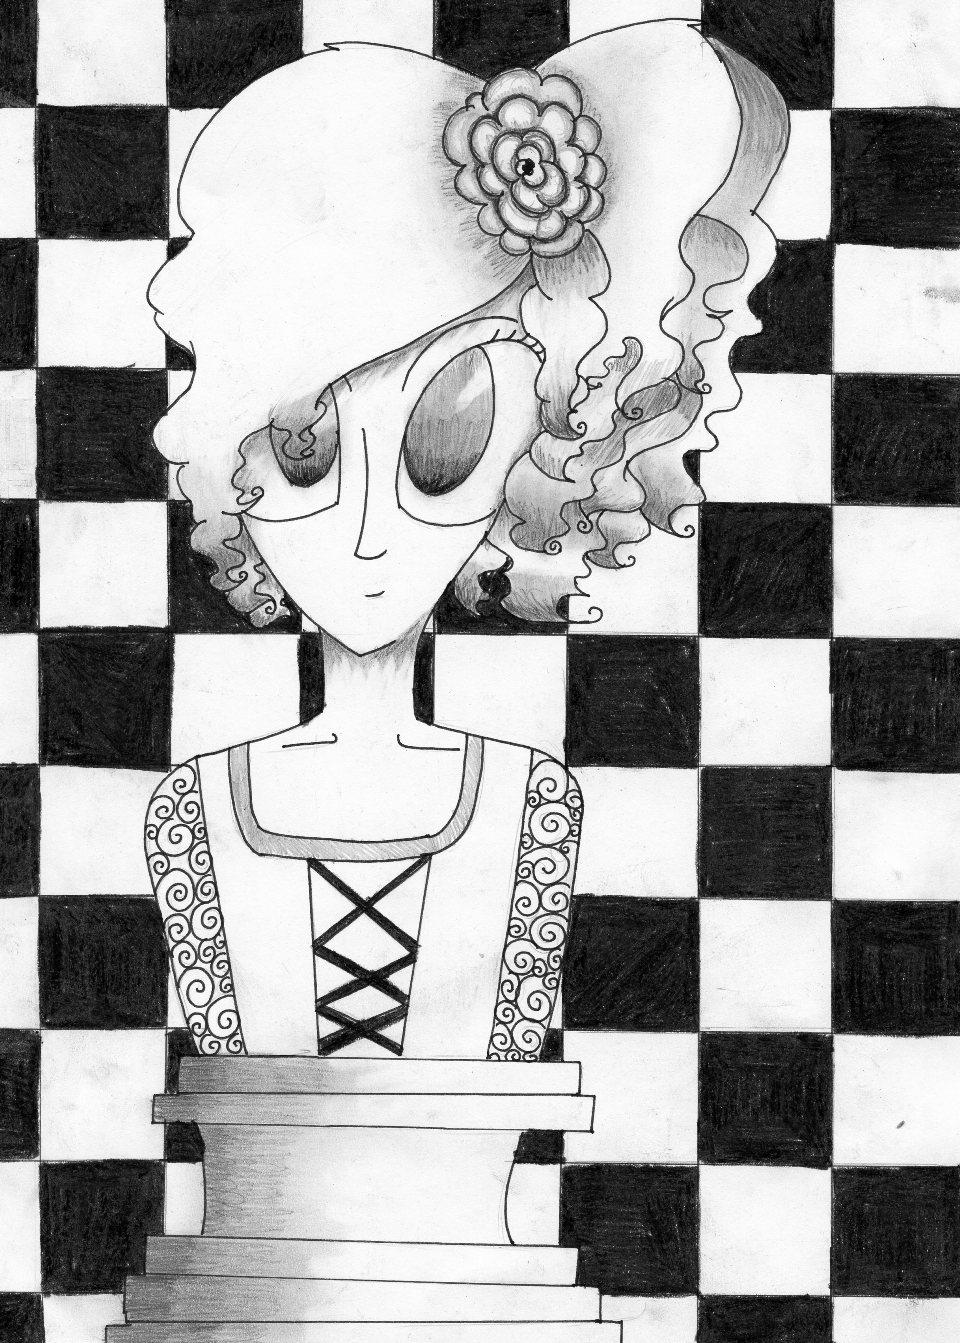 rysunek, autorka, Maja Kosieradzka, 11 lat, Zespół Szkół Publicznych nr 3 w Żyrardowie, konkurs plastyczny, KRÓLEWSKA GRA, SZACHY dla dzieci, MDK Śródmieście Wrocław, listopad 2015, interaktywny podręcznik szachowy, piękno szachów,